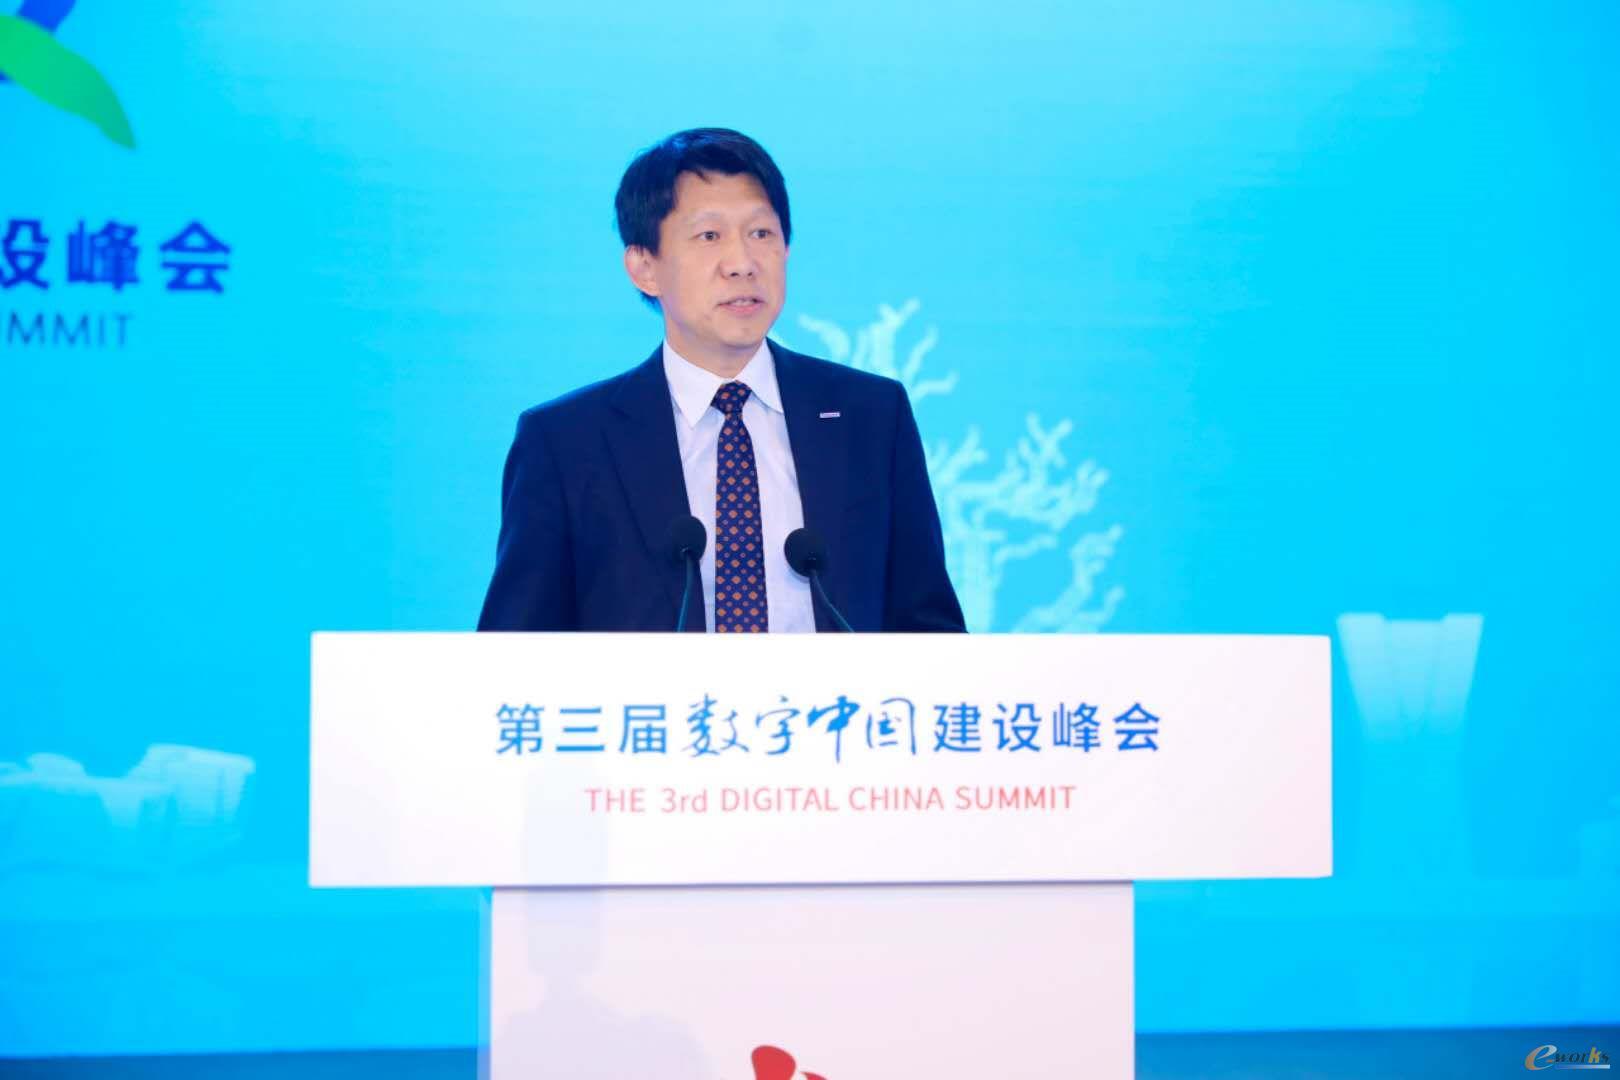 松下电器机电(中国)有限公司自动化营业总括部技术统括李庭弼